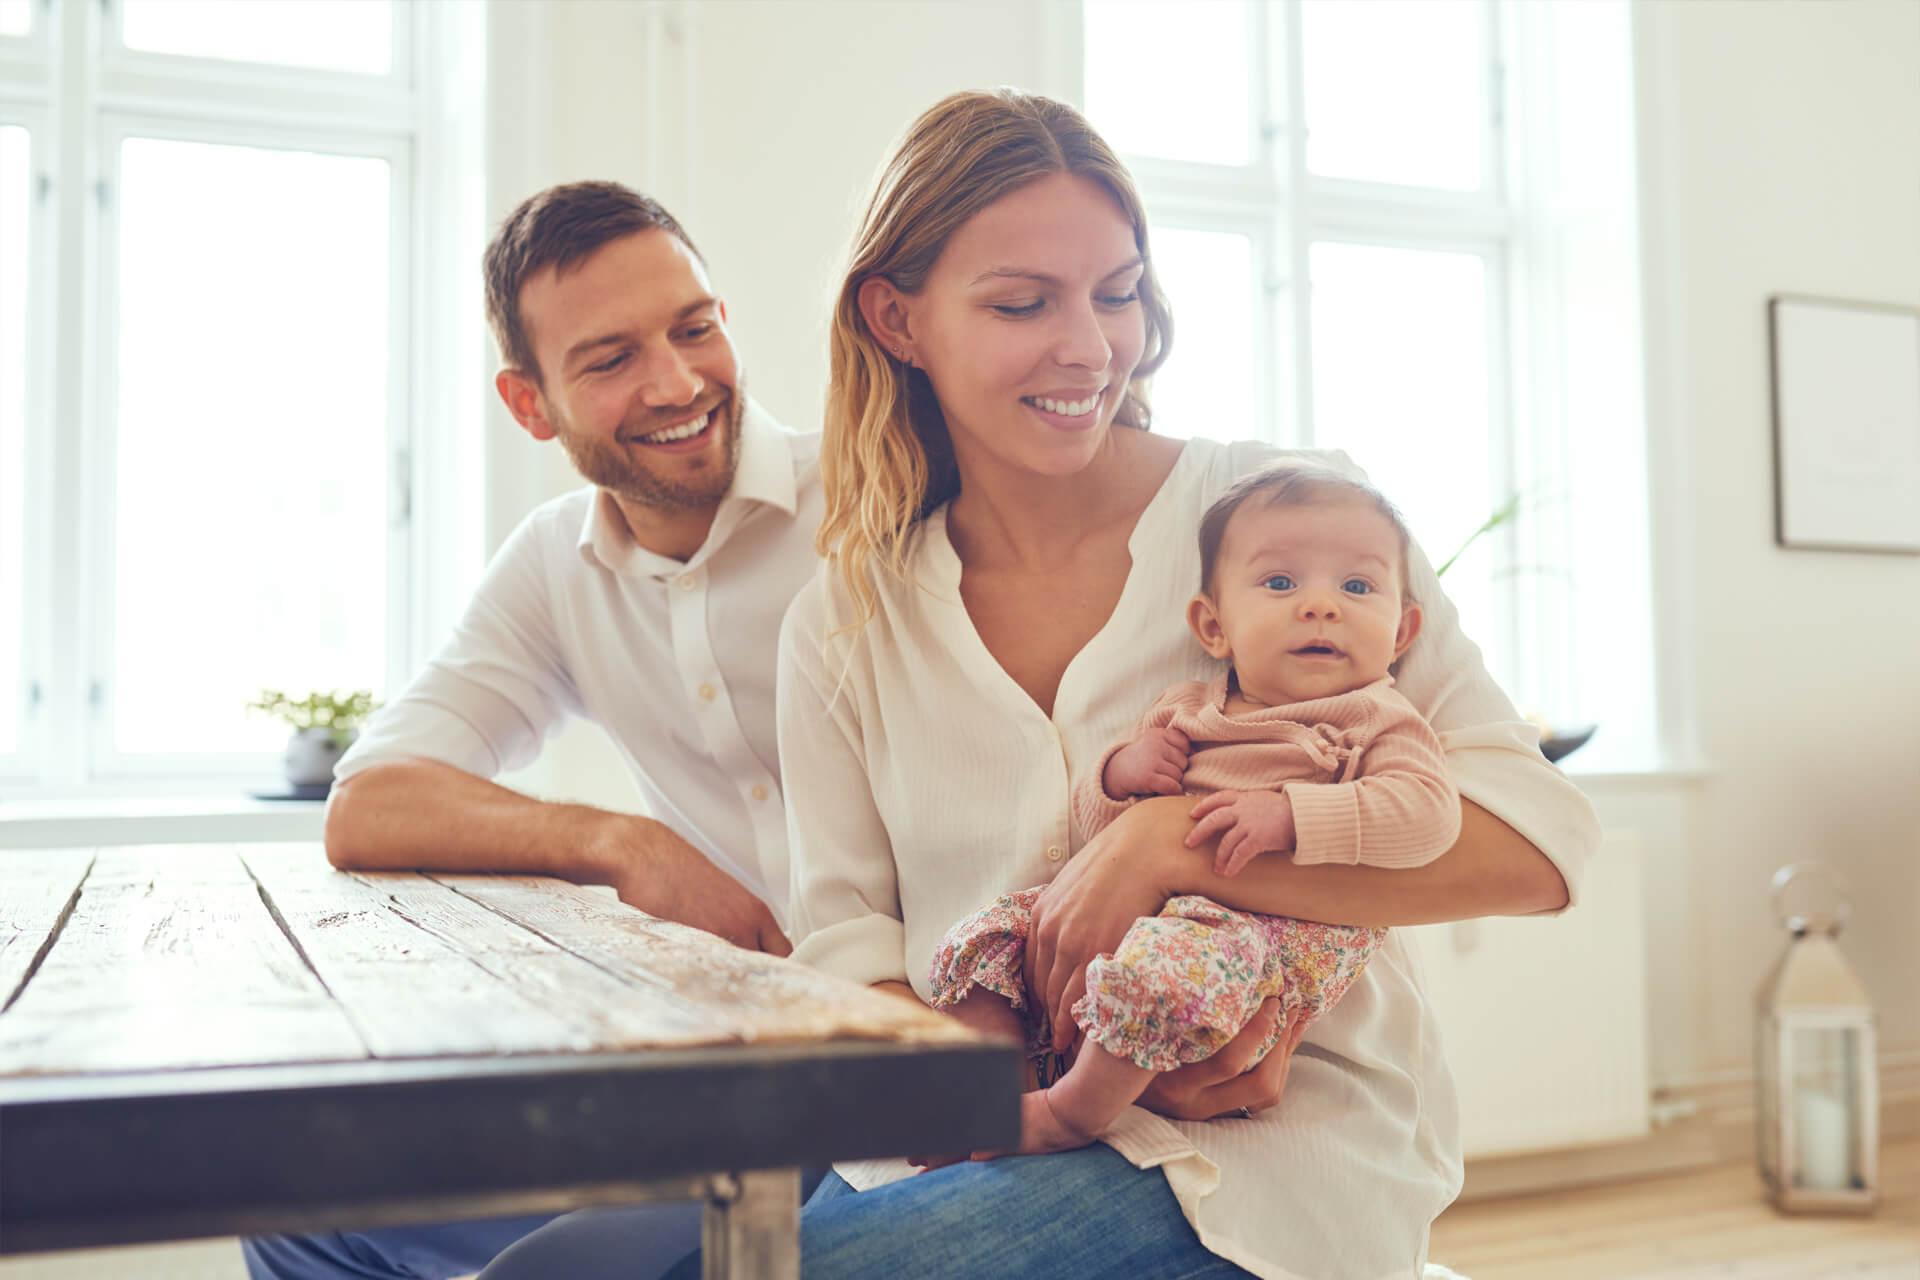 Cuidando da sua família em todos os aspectos